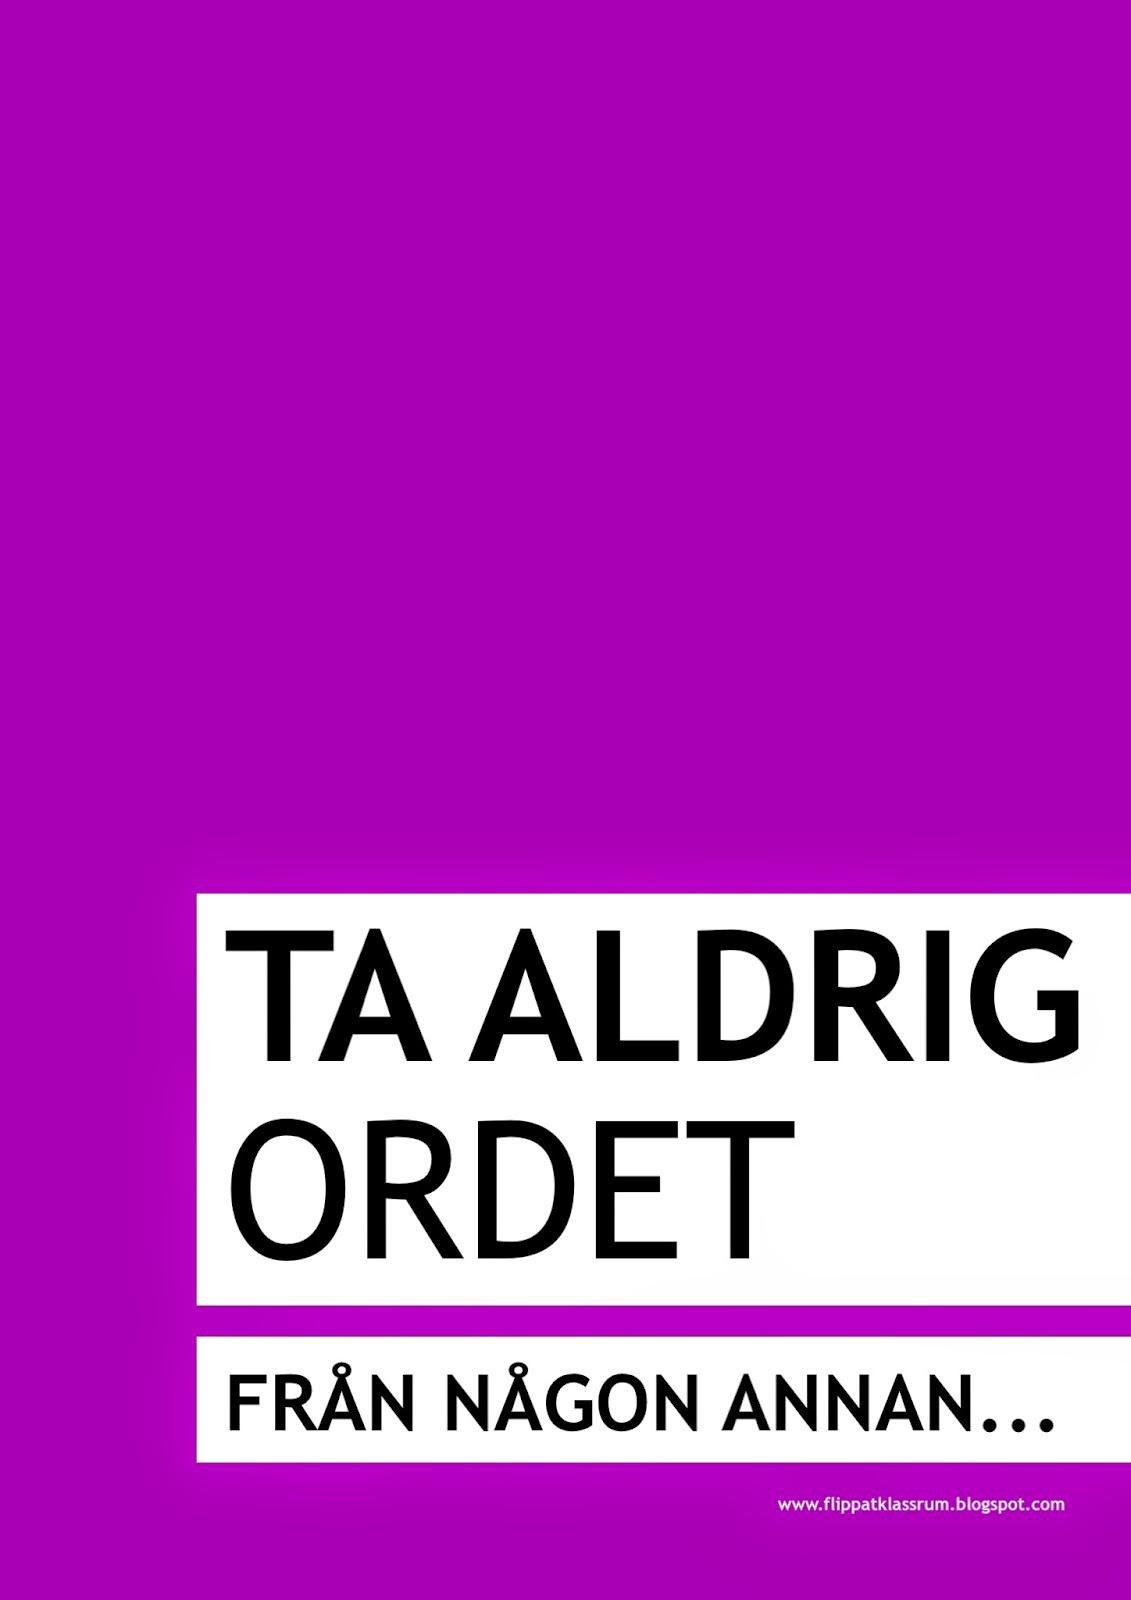 TA ALDRIG ORDET FRÅN NÅGON ANNAN